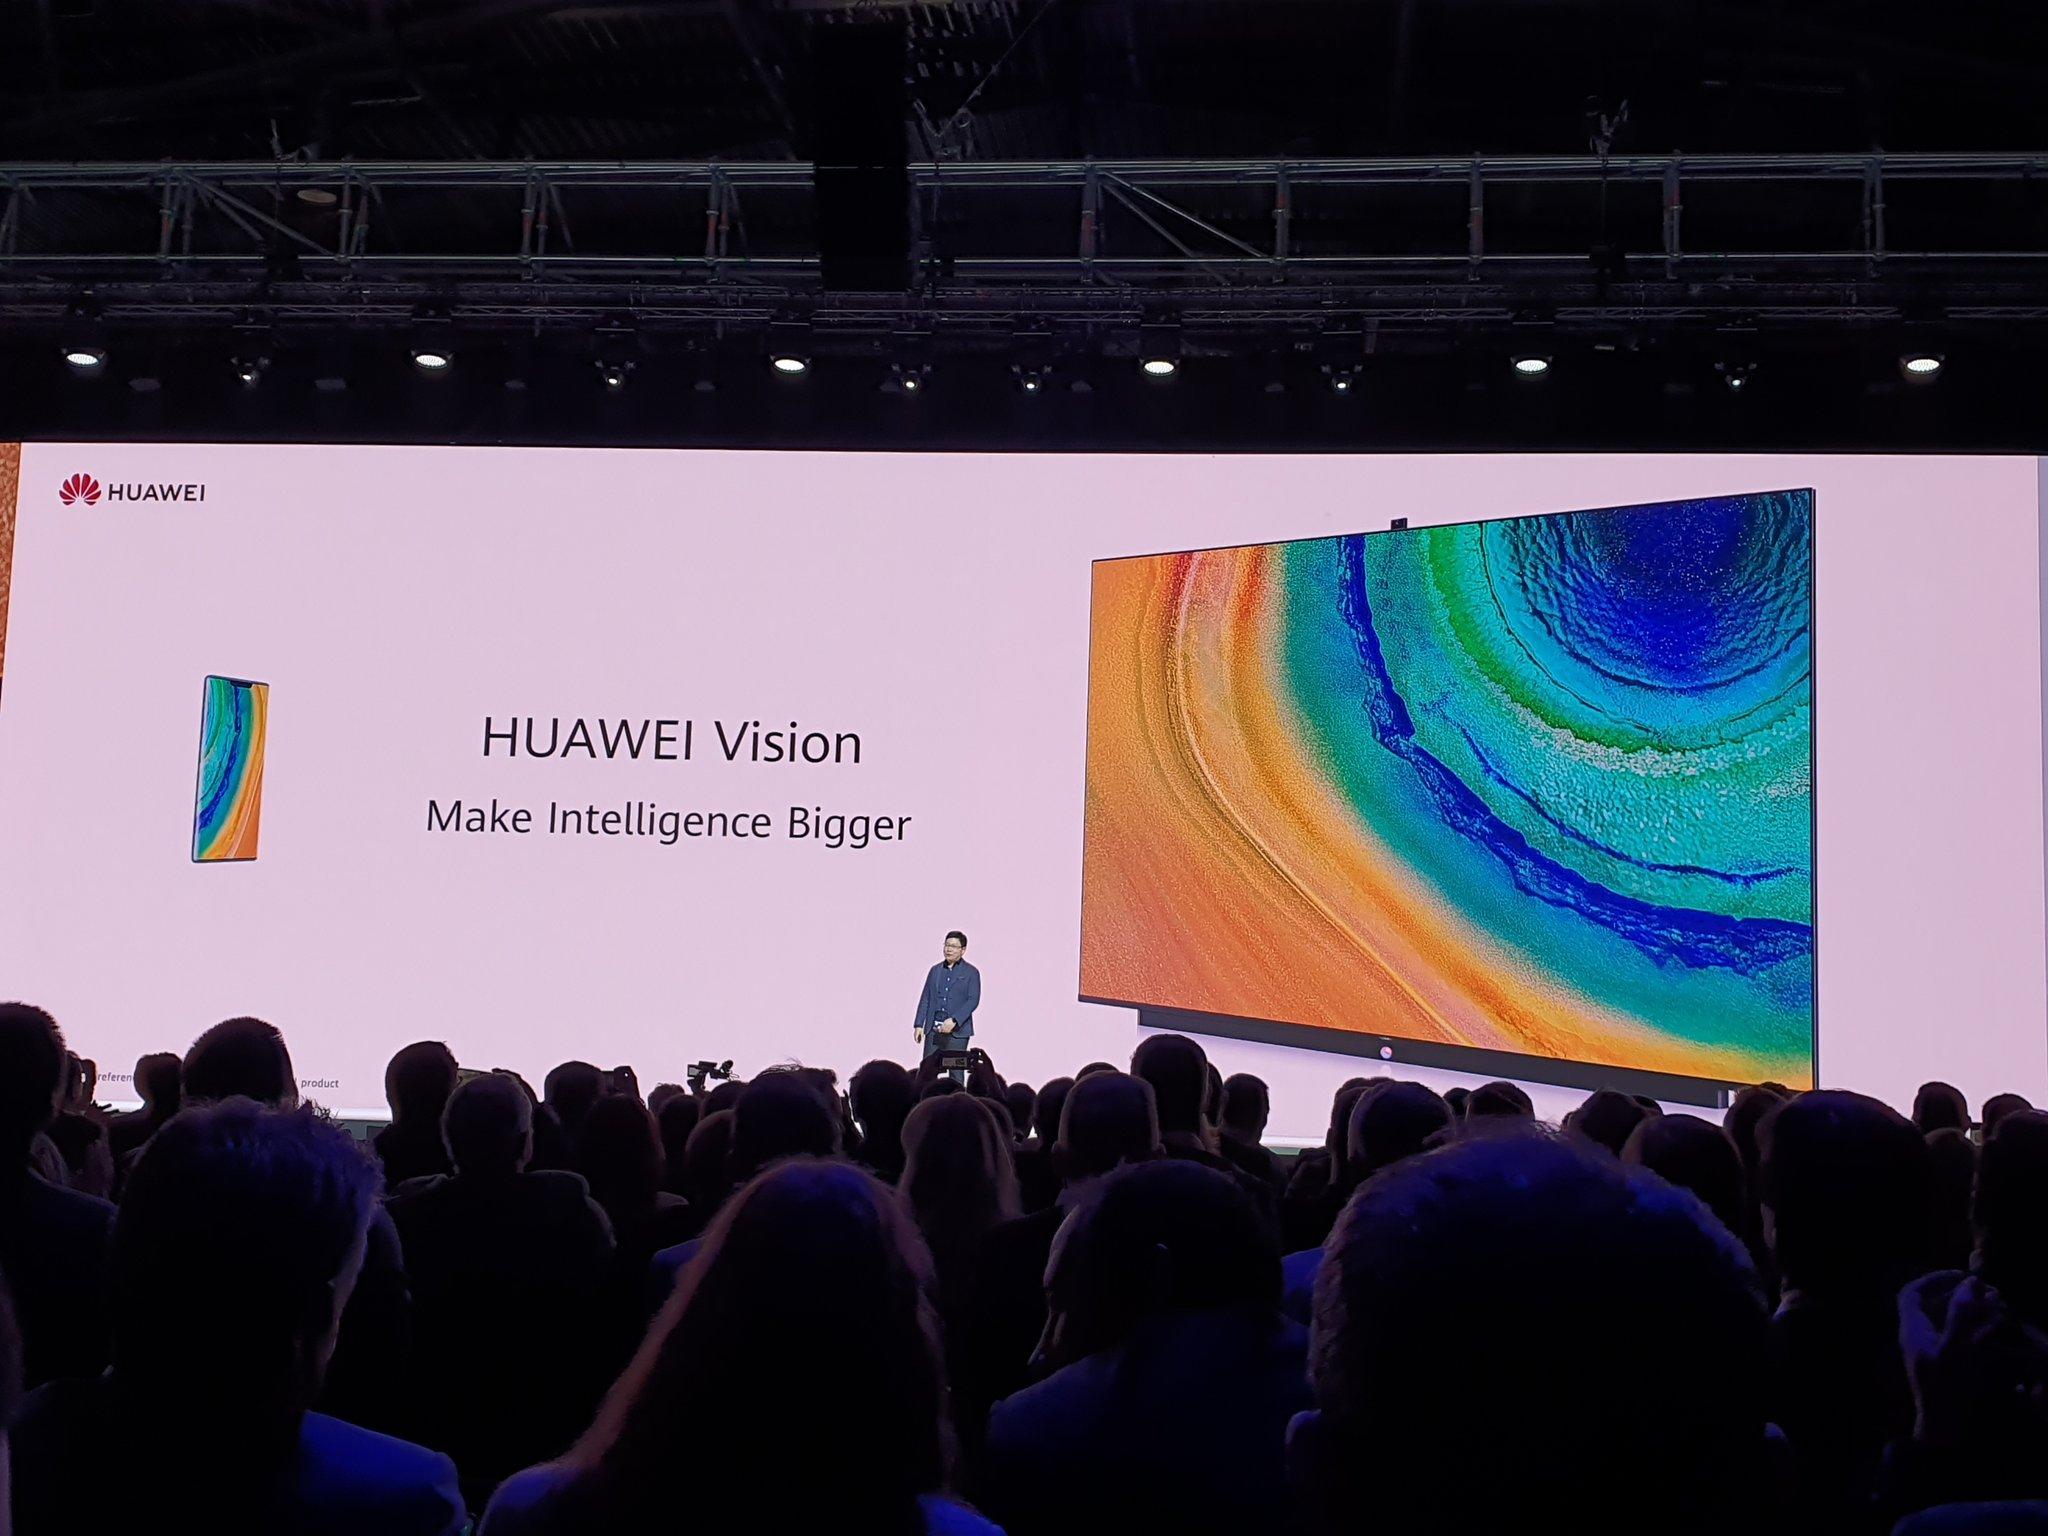 هواوي تكشف عن Vision TV بدعم دقة 4K والعديد من المهام الذكية